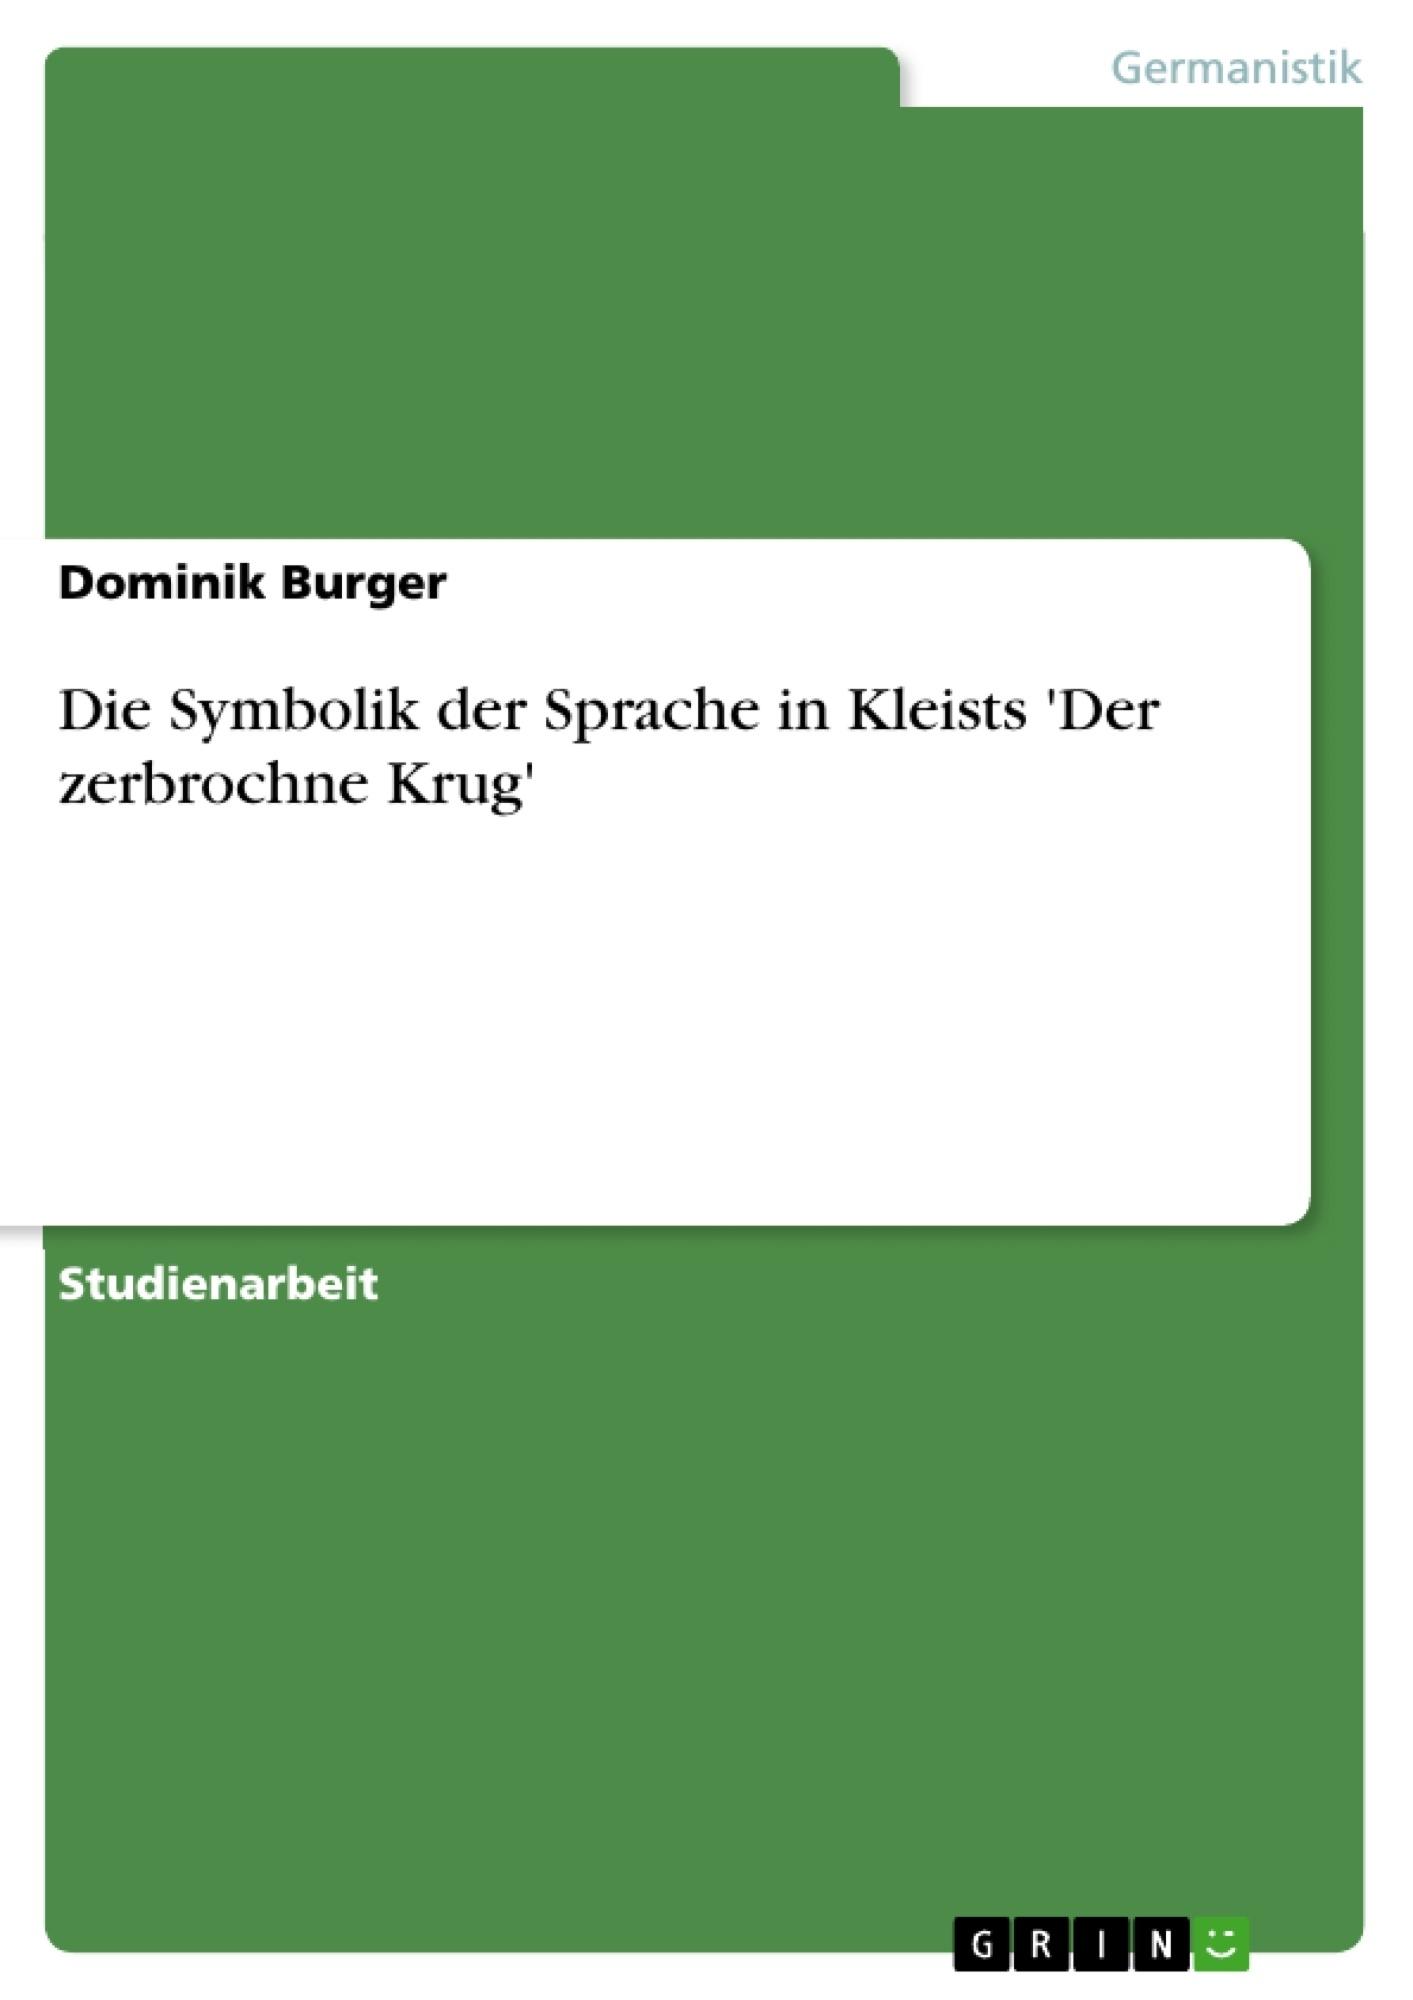 Titel: Die Symbolik der Sprache in Kleists 'Der zerbrochne Krug'